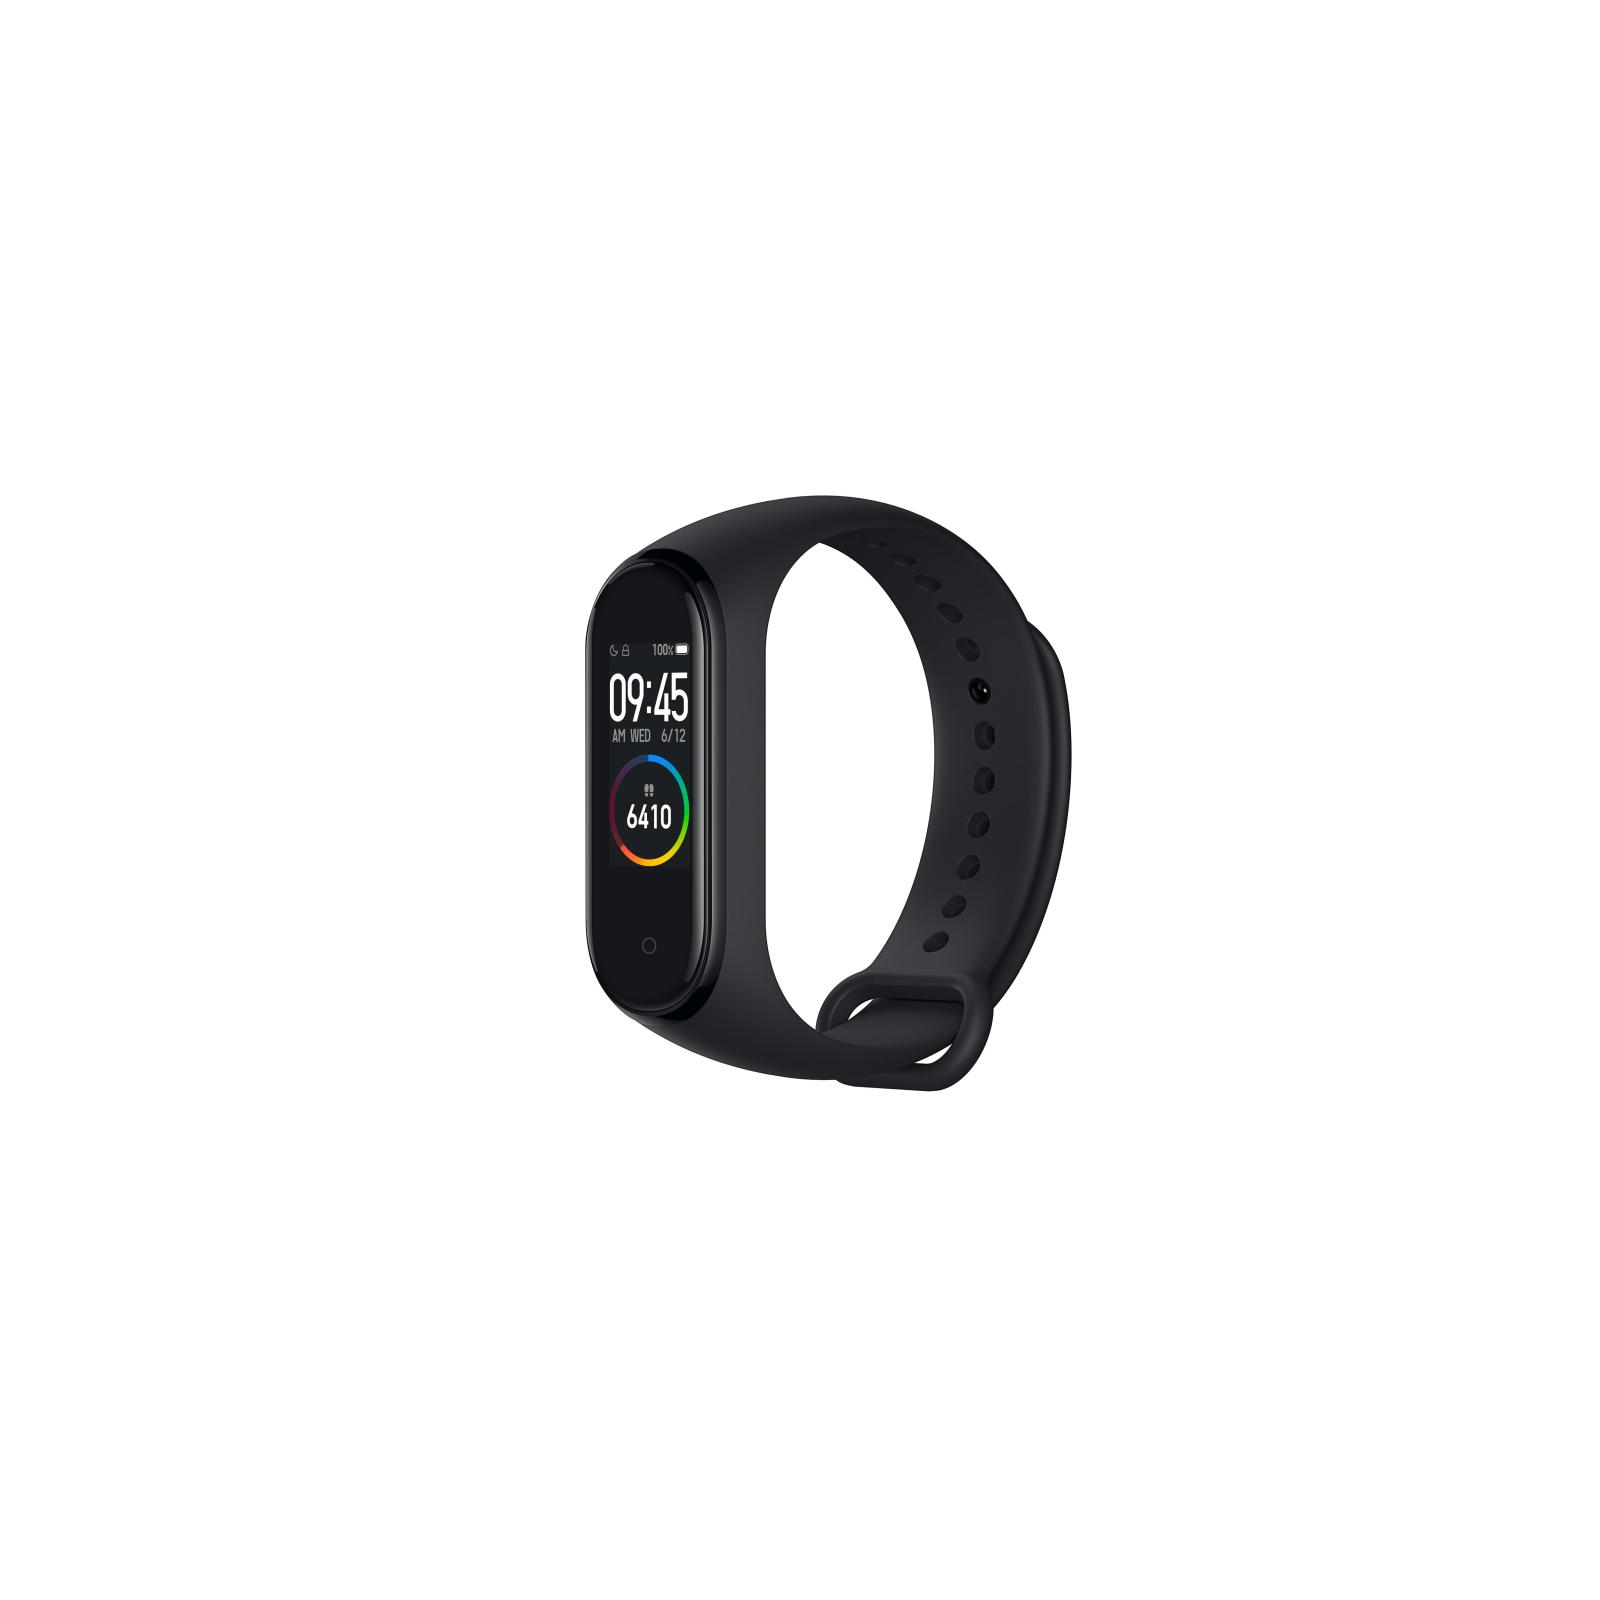 Фитнес браслет Xiaomi Mi Smart Band 4 Black изображение 2